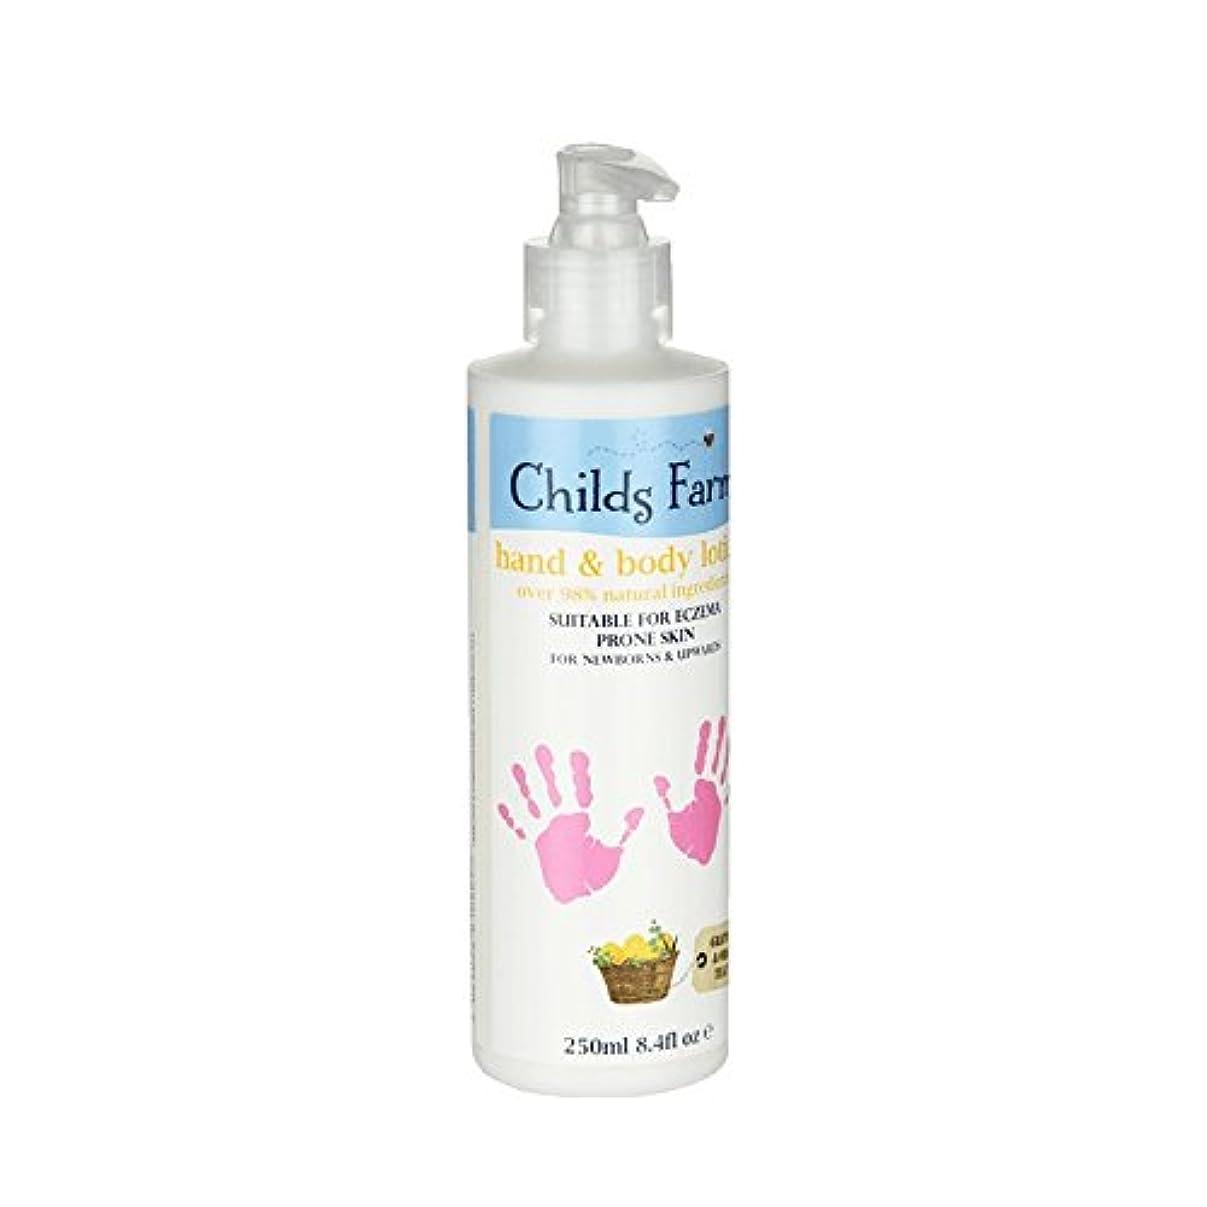 パントリーロマンス調整するChilds Farm Hand & Body Lotion for Silky Skin 250ml (Pack of 2) - 絹のような肌の250ミリリットルのためのチャイルズファームハンド&ボディローション (x2...